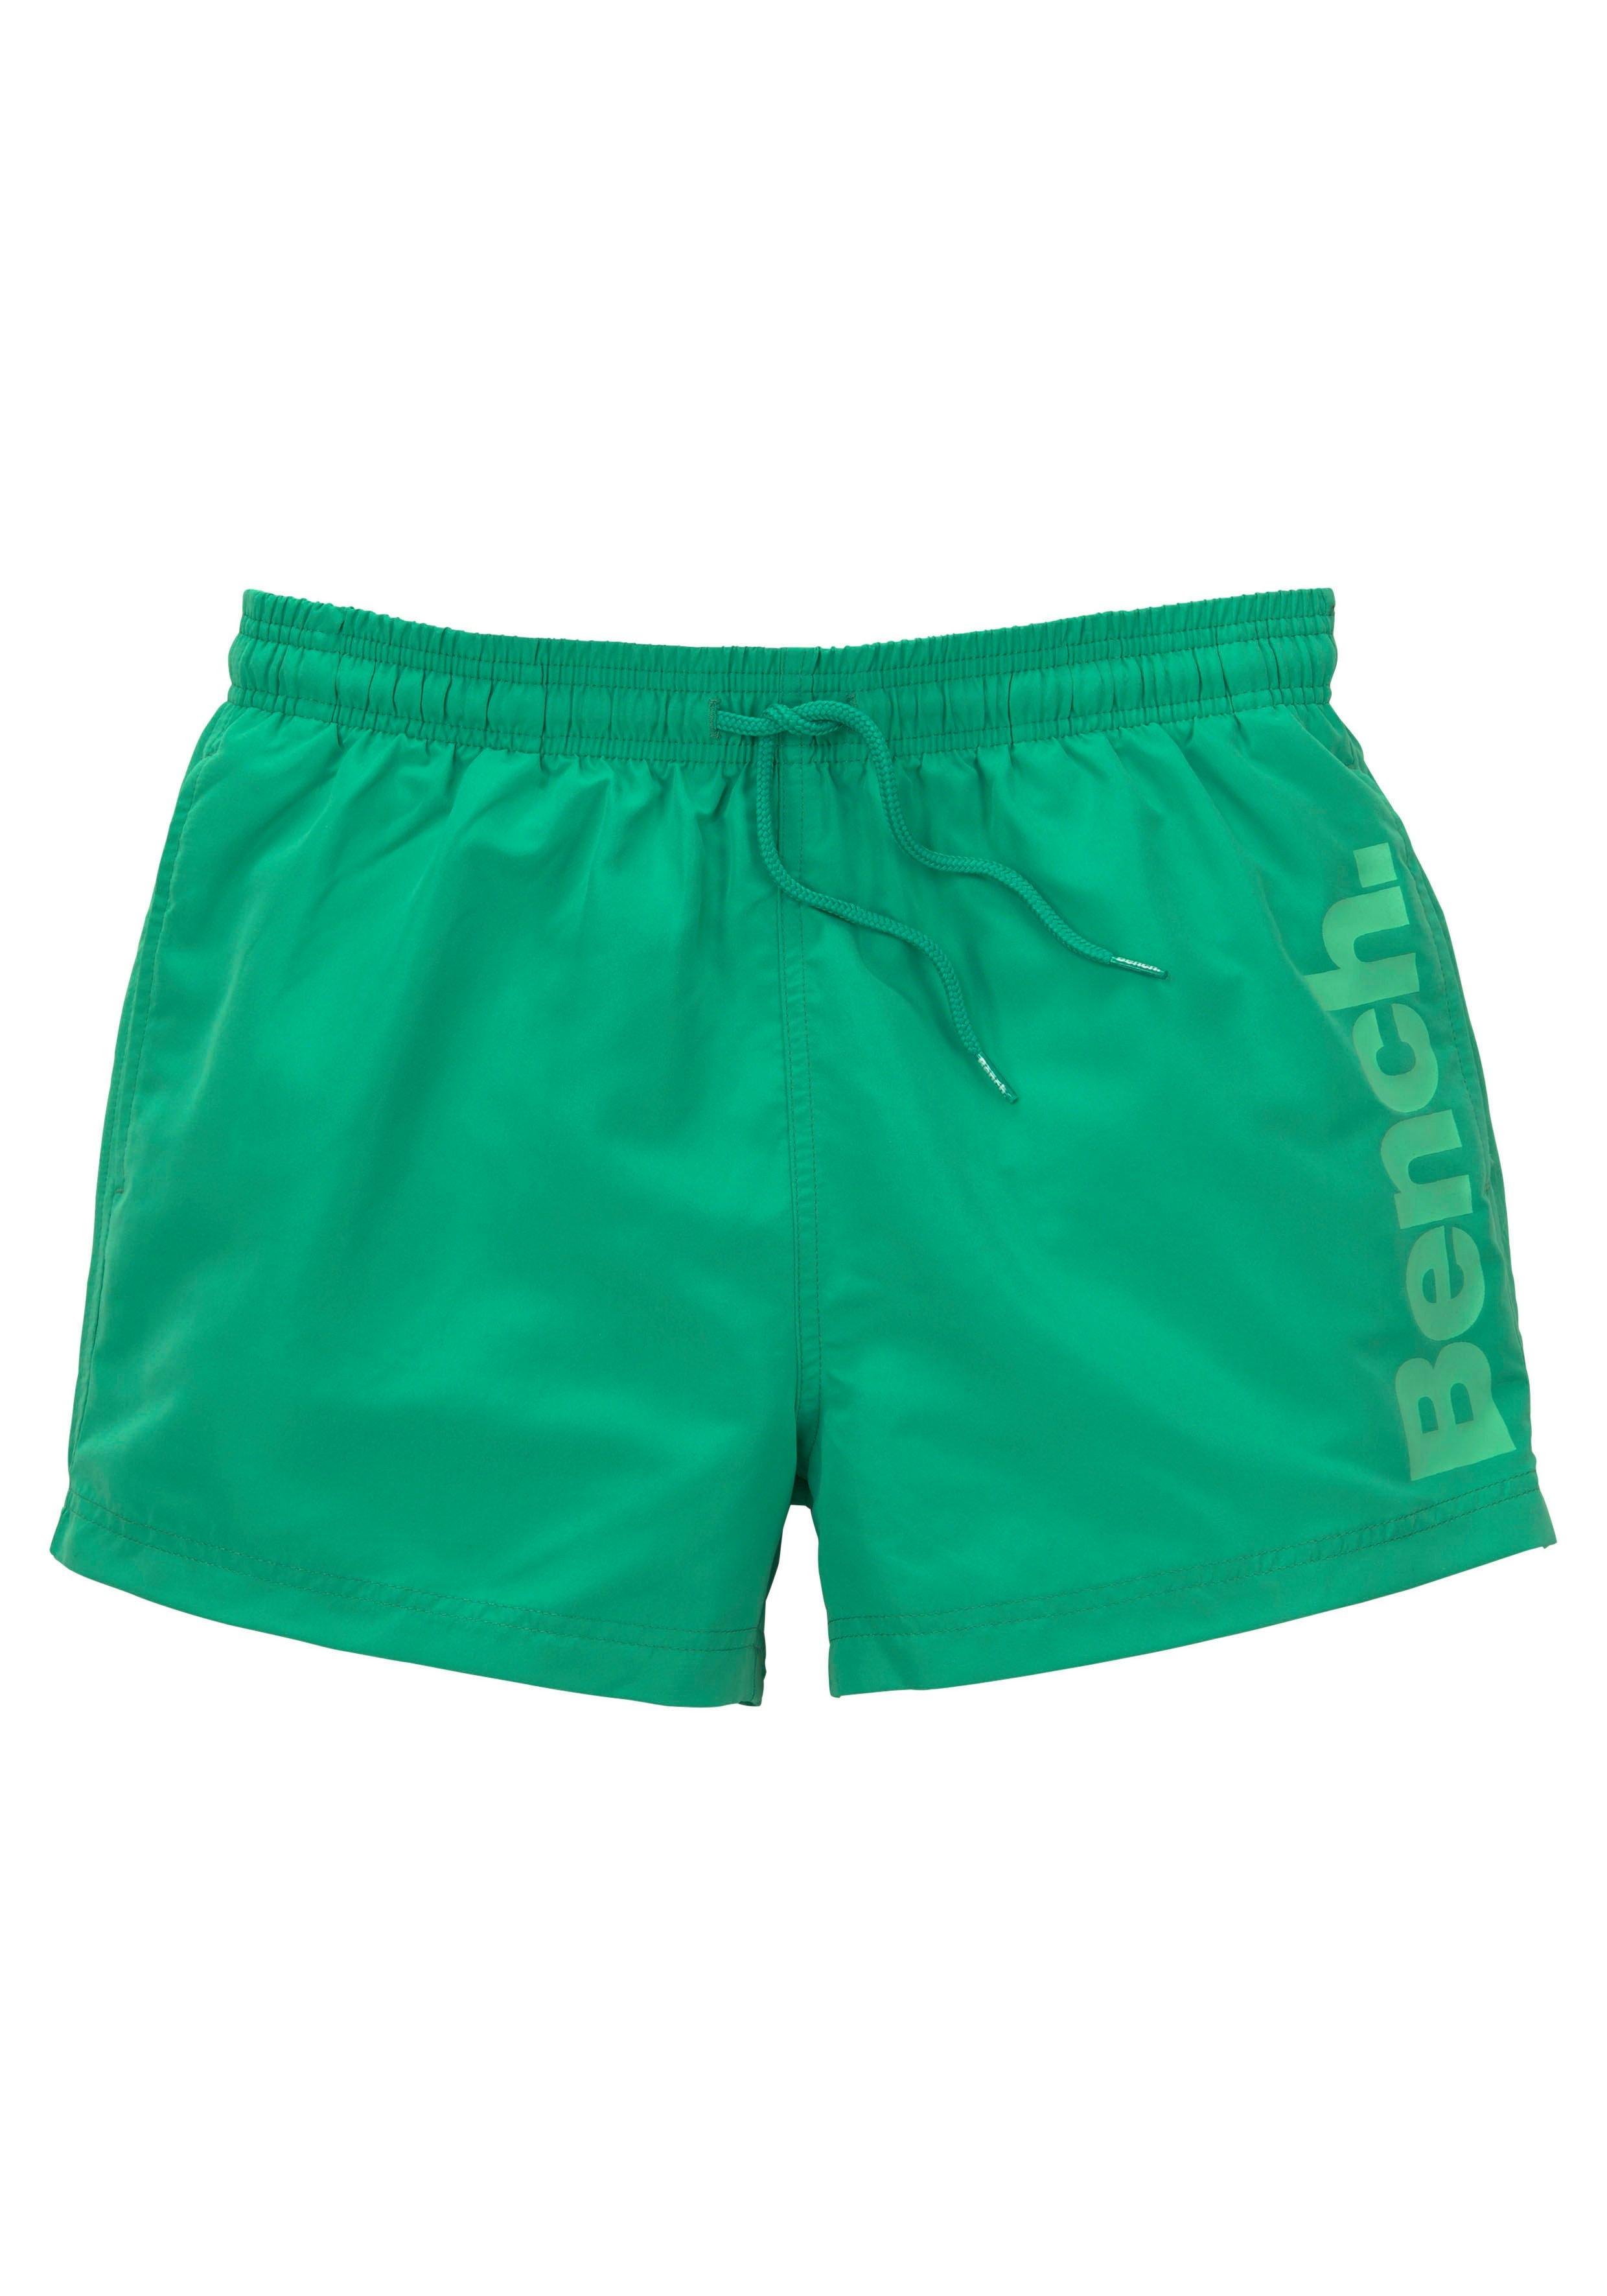 Bench. zwemshort met logo-opschrift opzij online kopen op lascana.nl